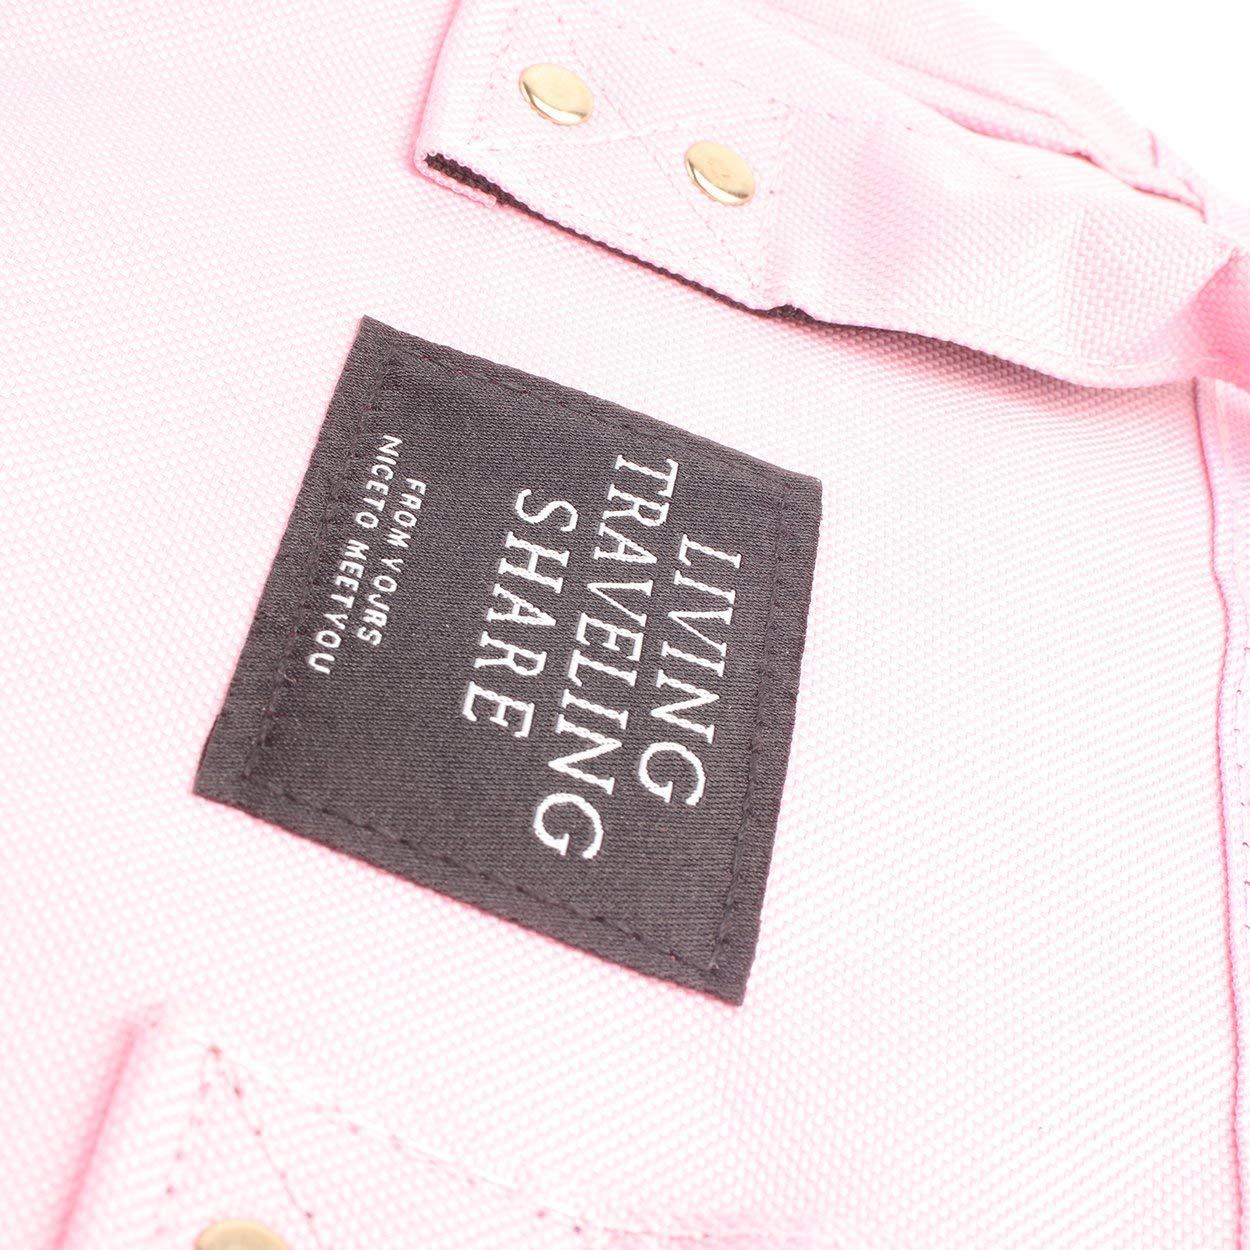 Lorenlli Mam/á de moda bolsa de pa/ñales de maternidad bolsa de enfermer/ía grande mochila de viaje cochecito de dise/ñador bolsa de beb/é bolsa de cuidado del beb/é mochila